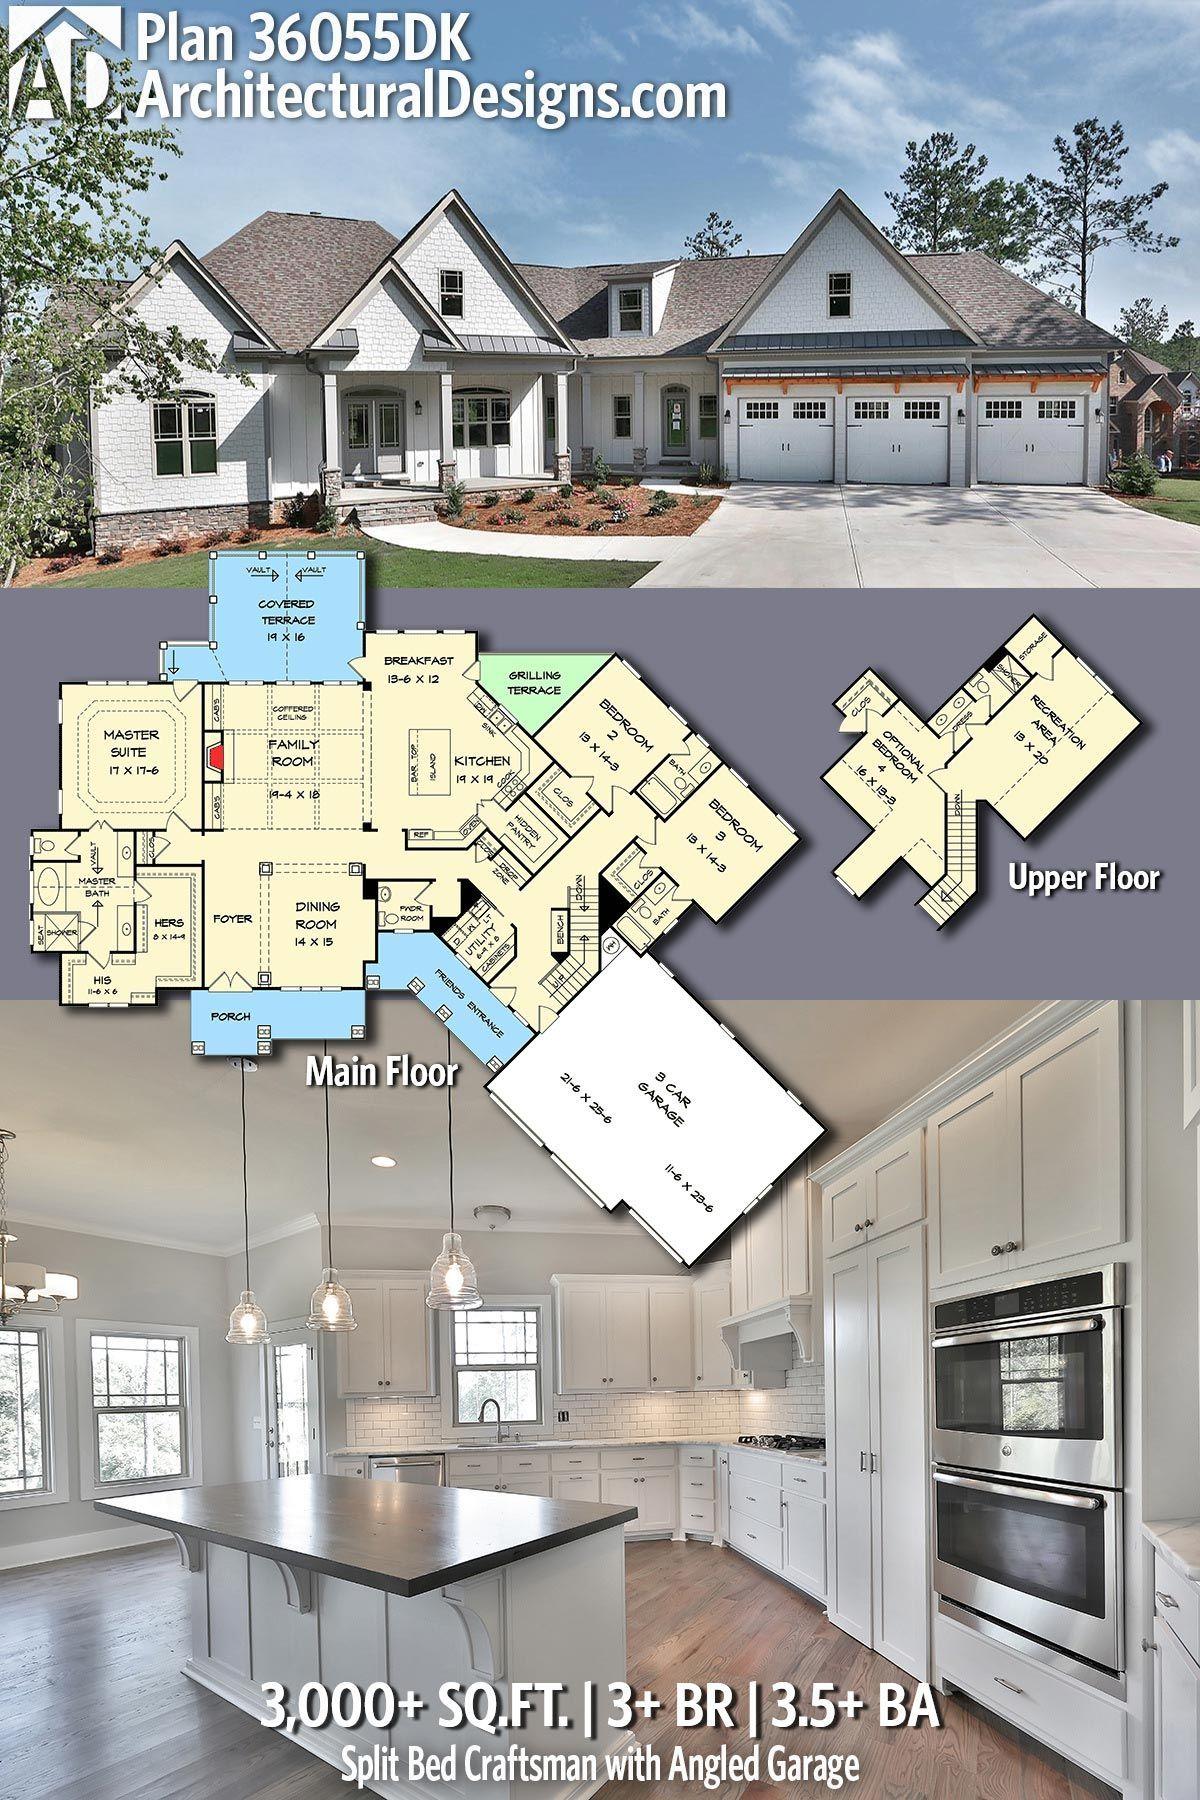 Plan 36055dk Split Bed Craftsman With Angled Garage Craftsman House Craftsman House Plan Dream House Plans